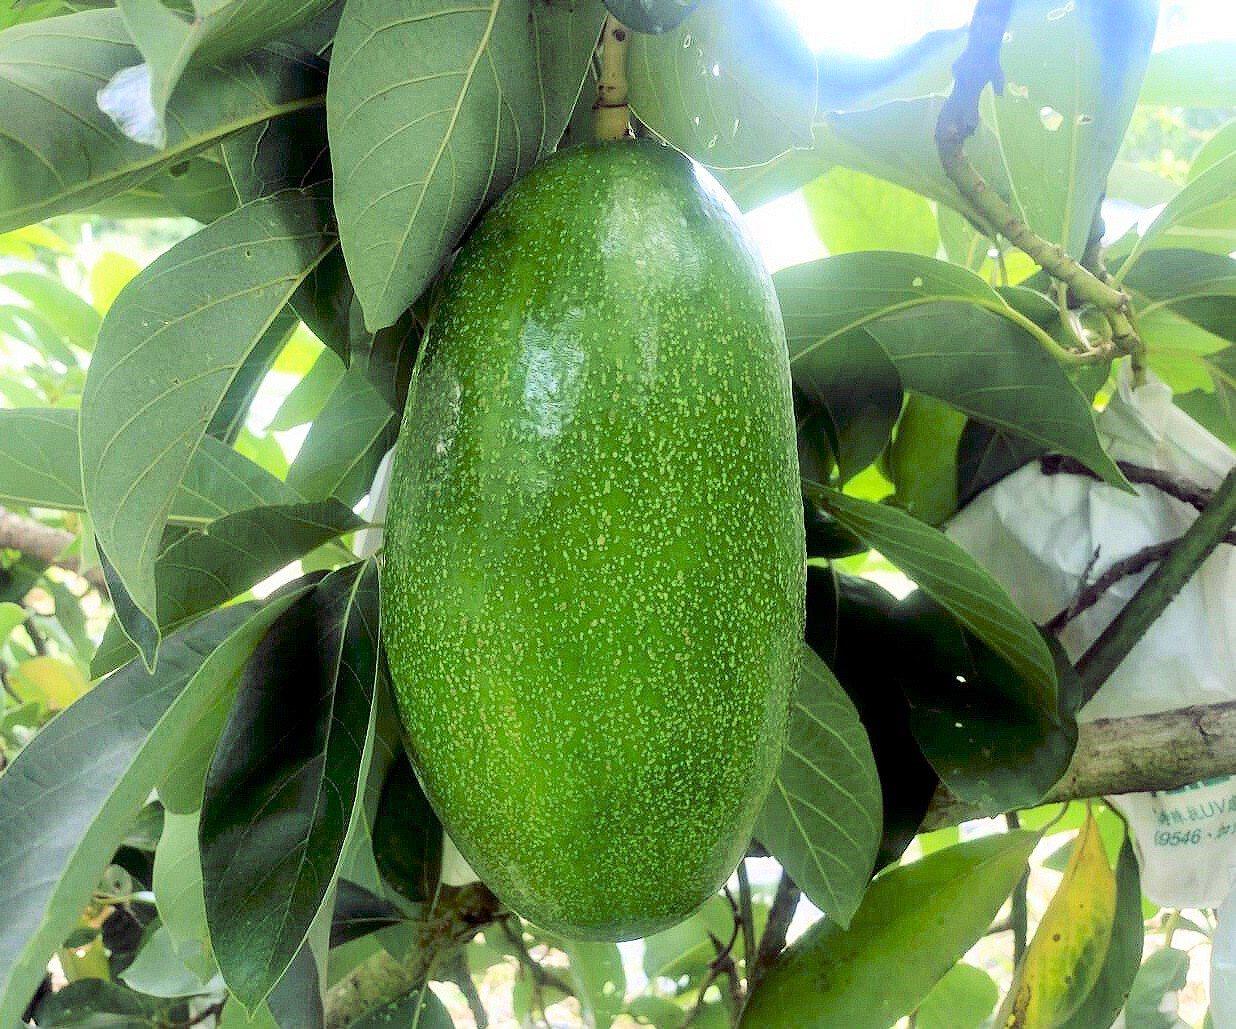 酪梨是單元不飽和脂肪酸的絕佳來源,含有抗發炎抗氧化劑,包括維生素A、C、E,這些...